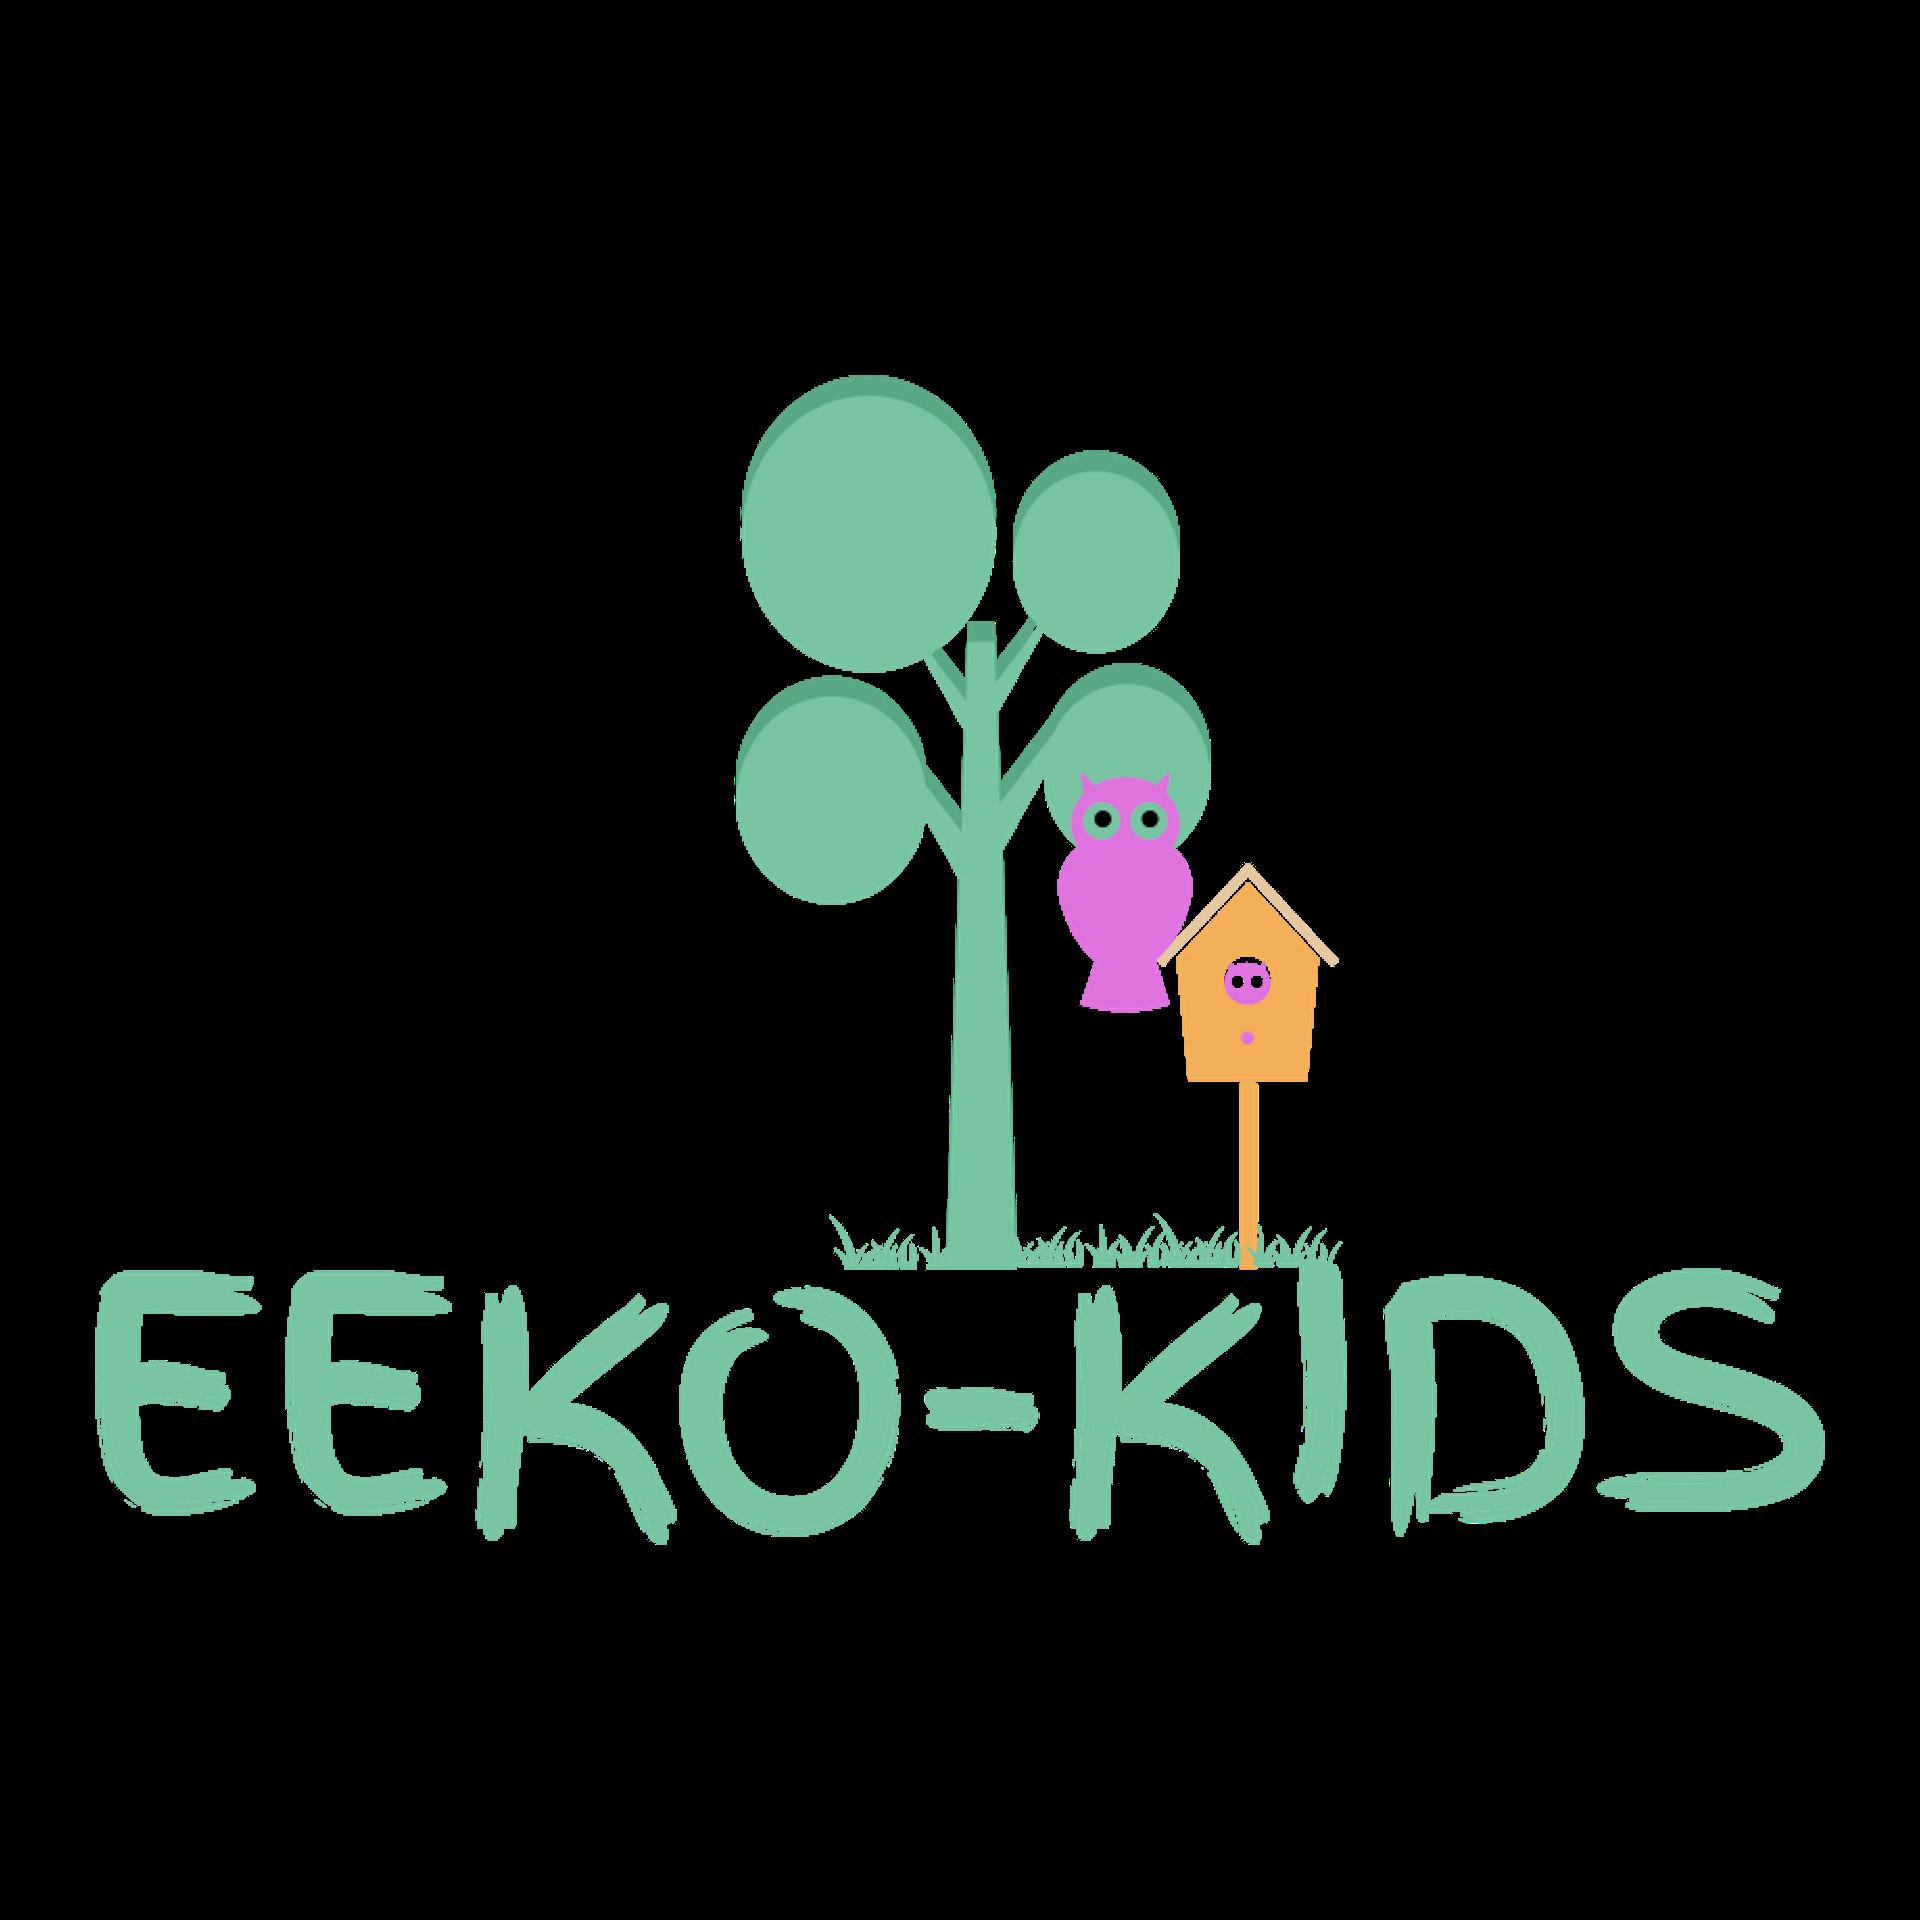 EEKO KIDS